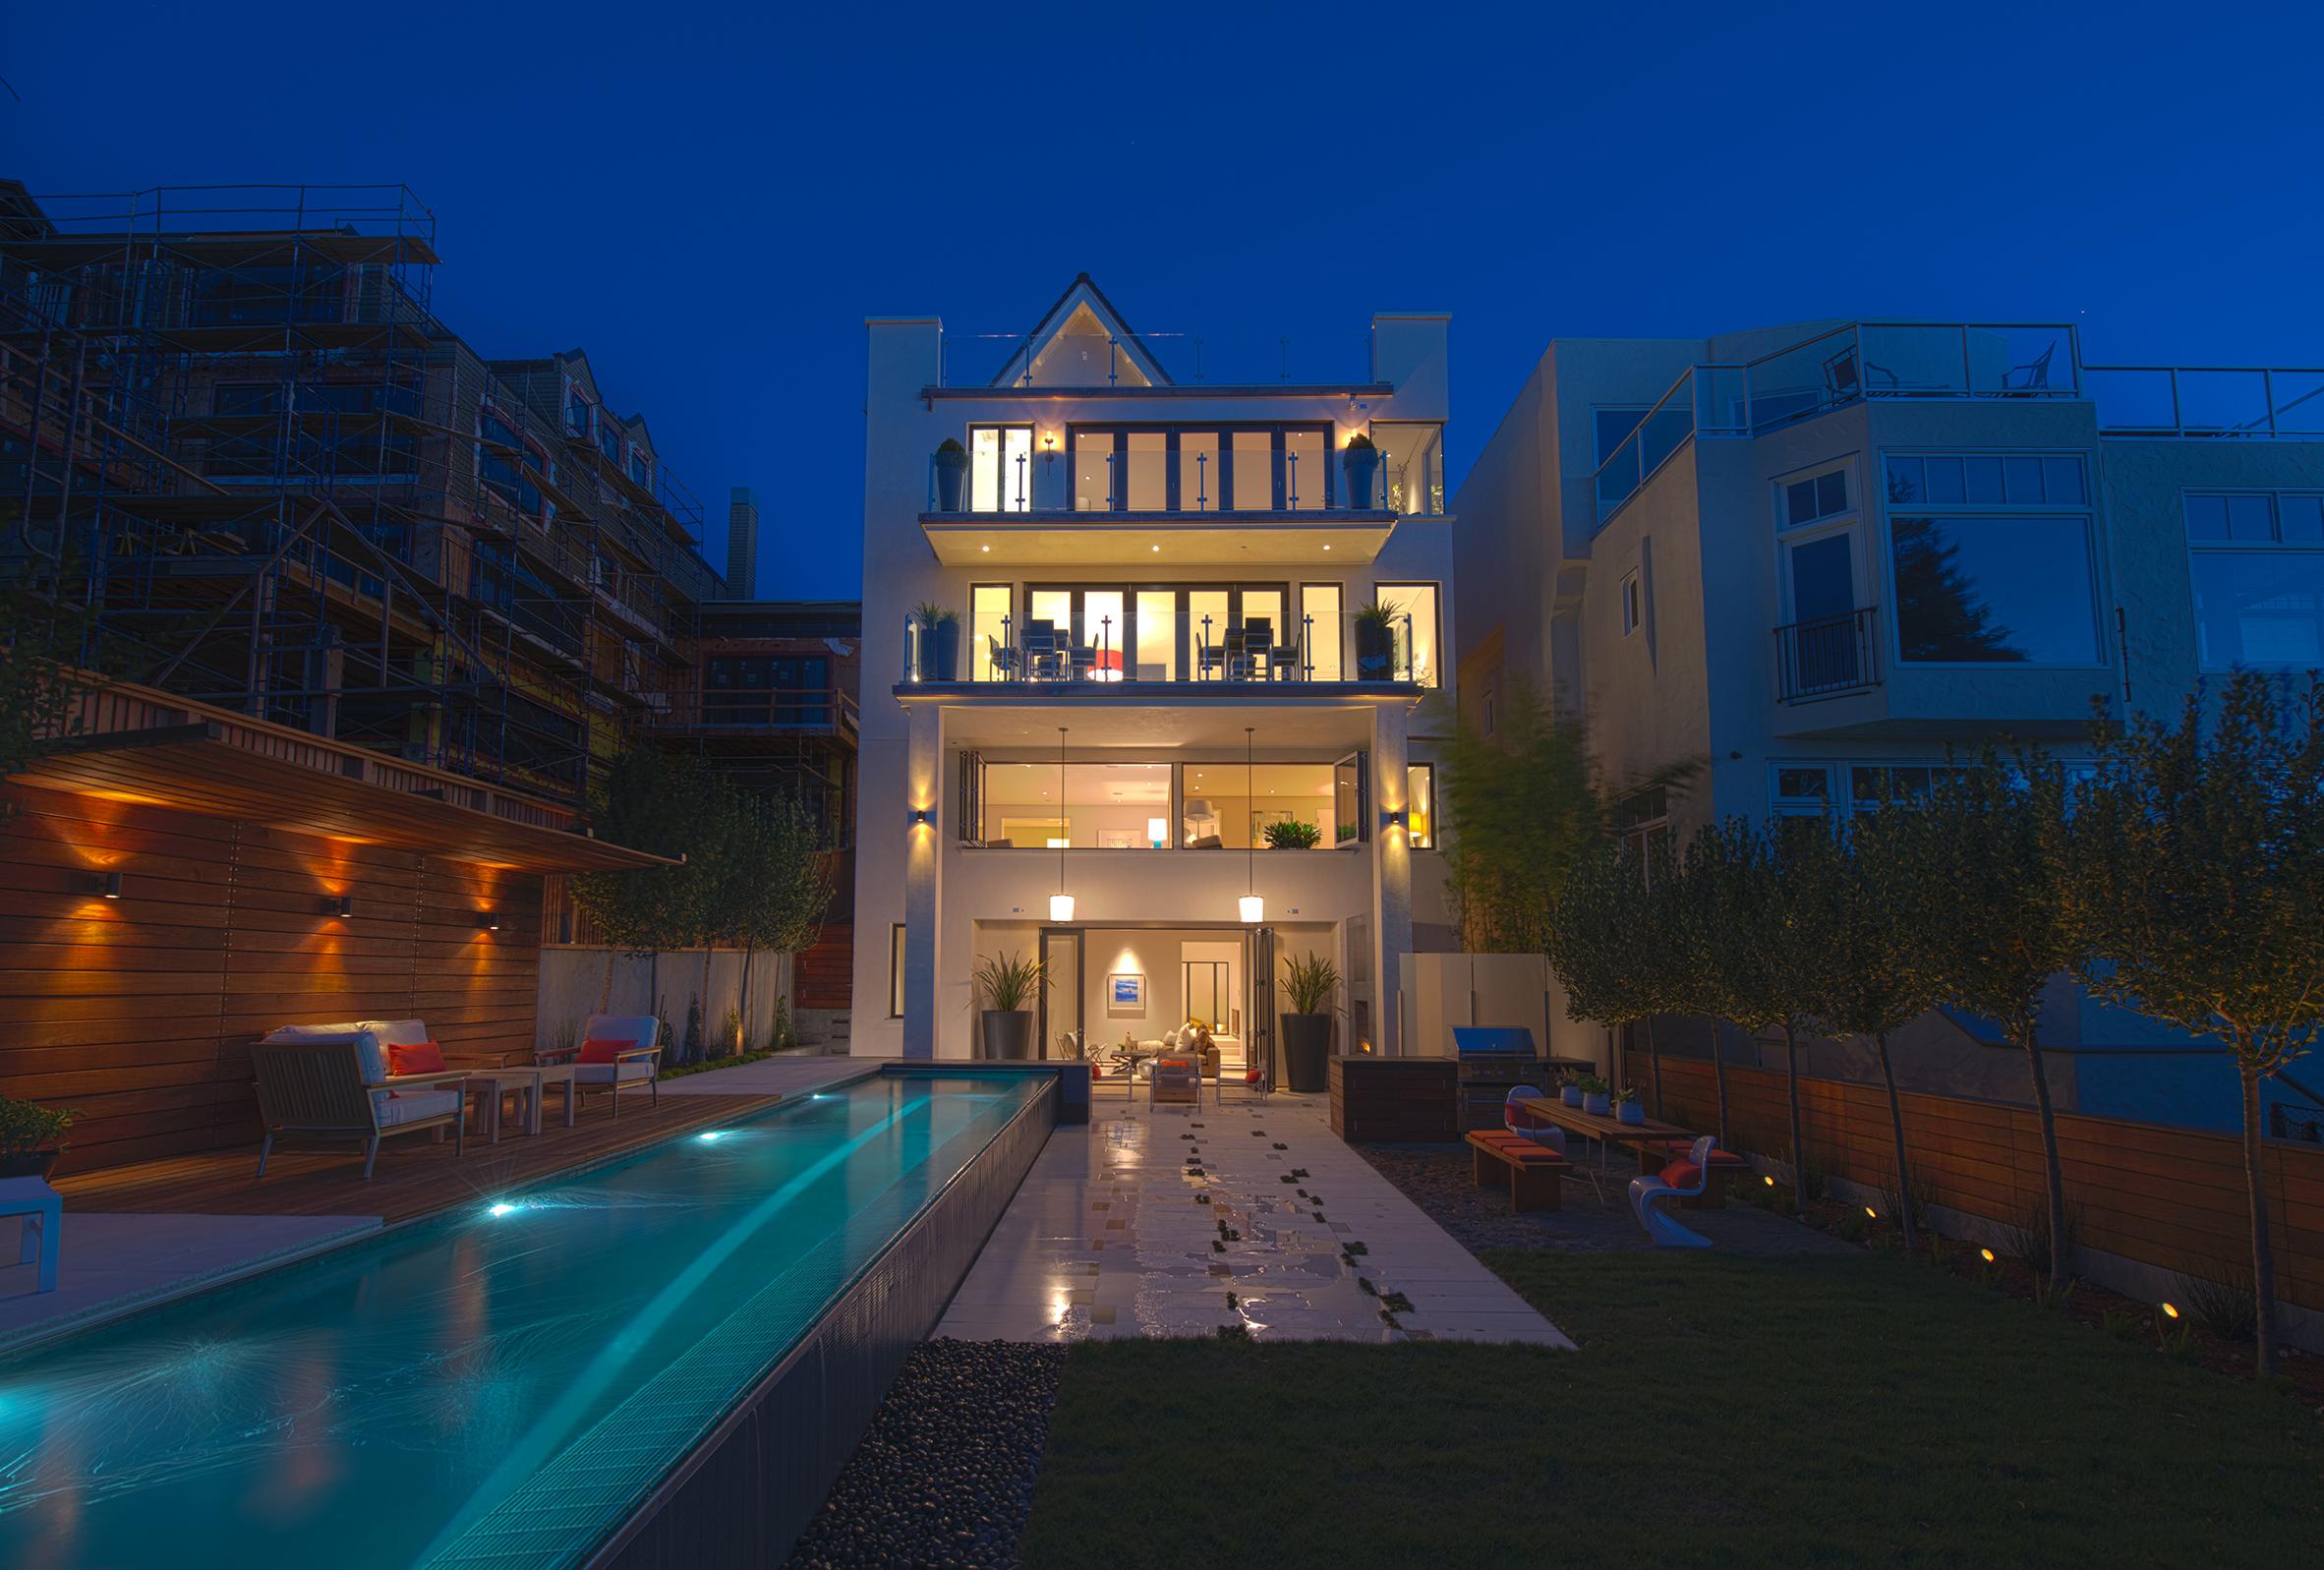 Residence 2750 rear facade and garden at night